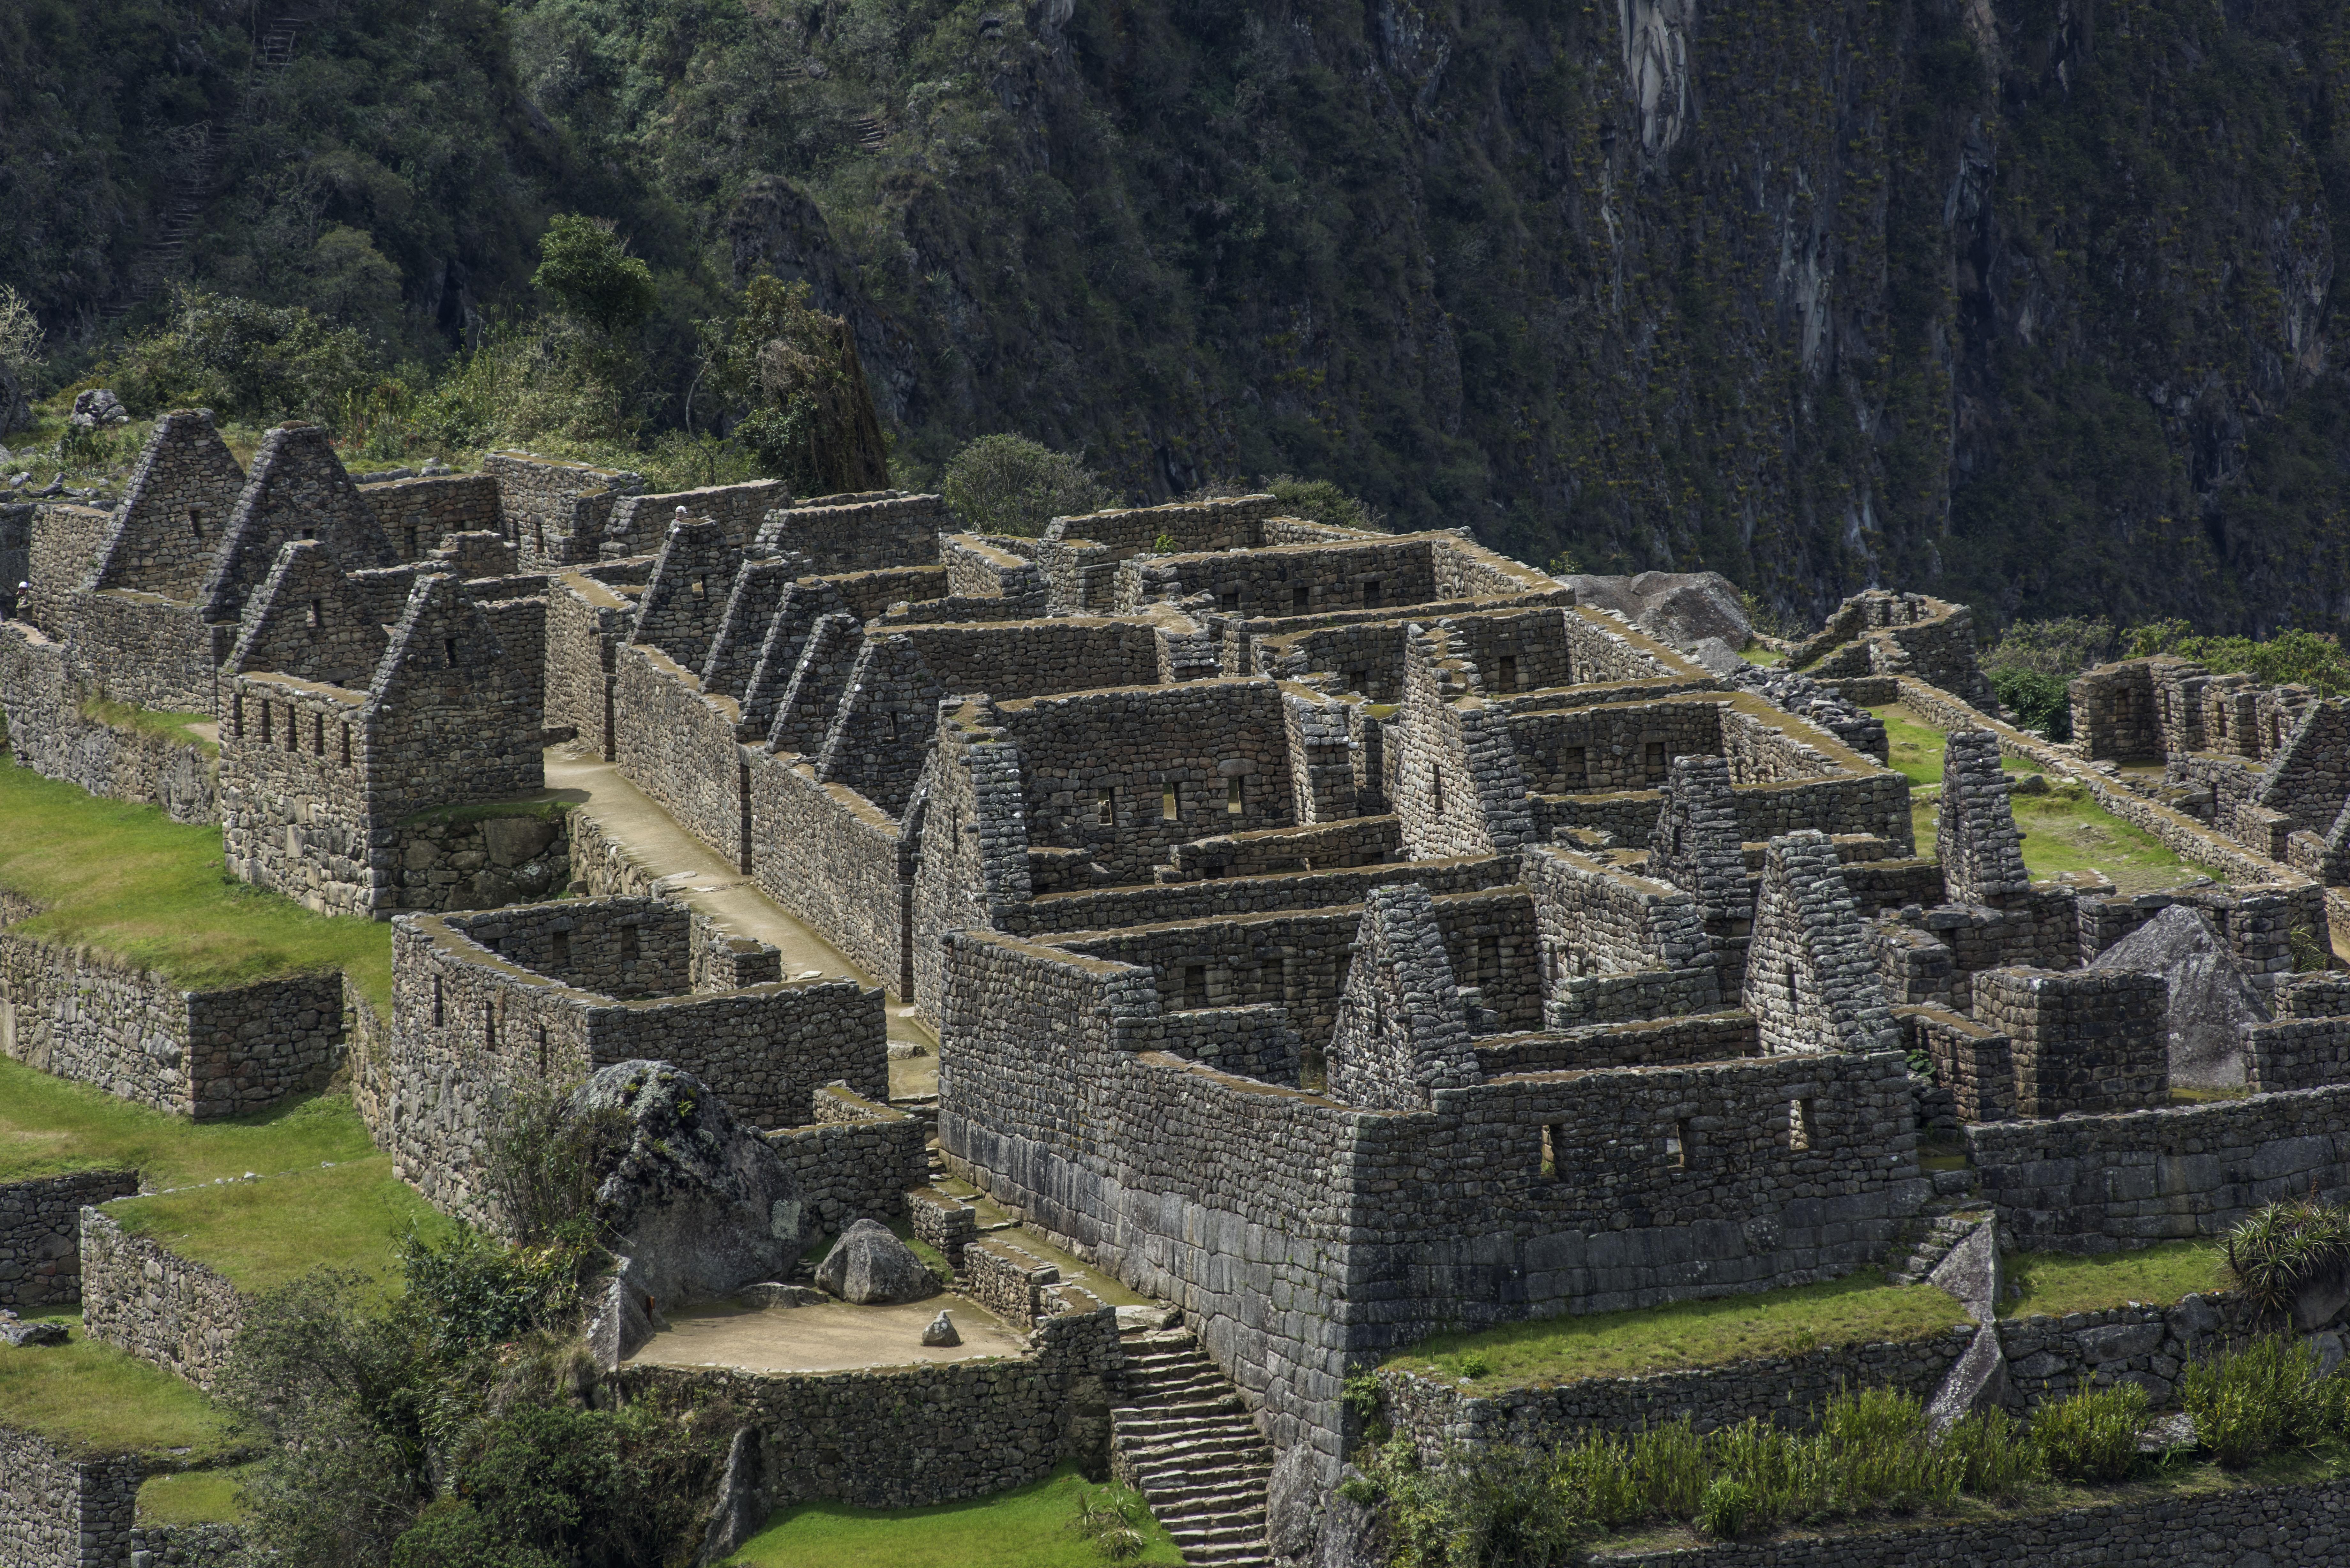 Machu Picchu: así está la majestuosa ciudadela inca, 7 meses después de su cierre | FOTOS